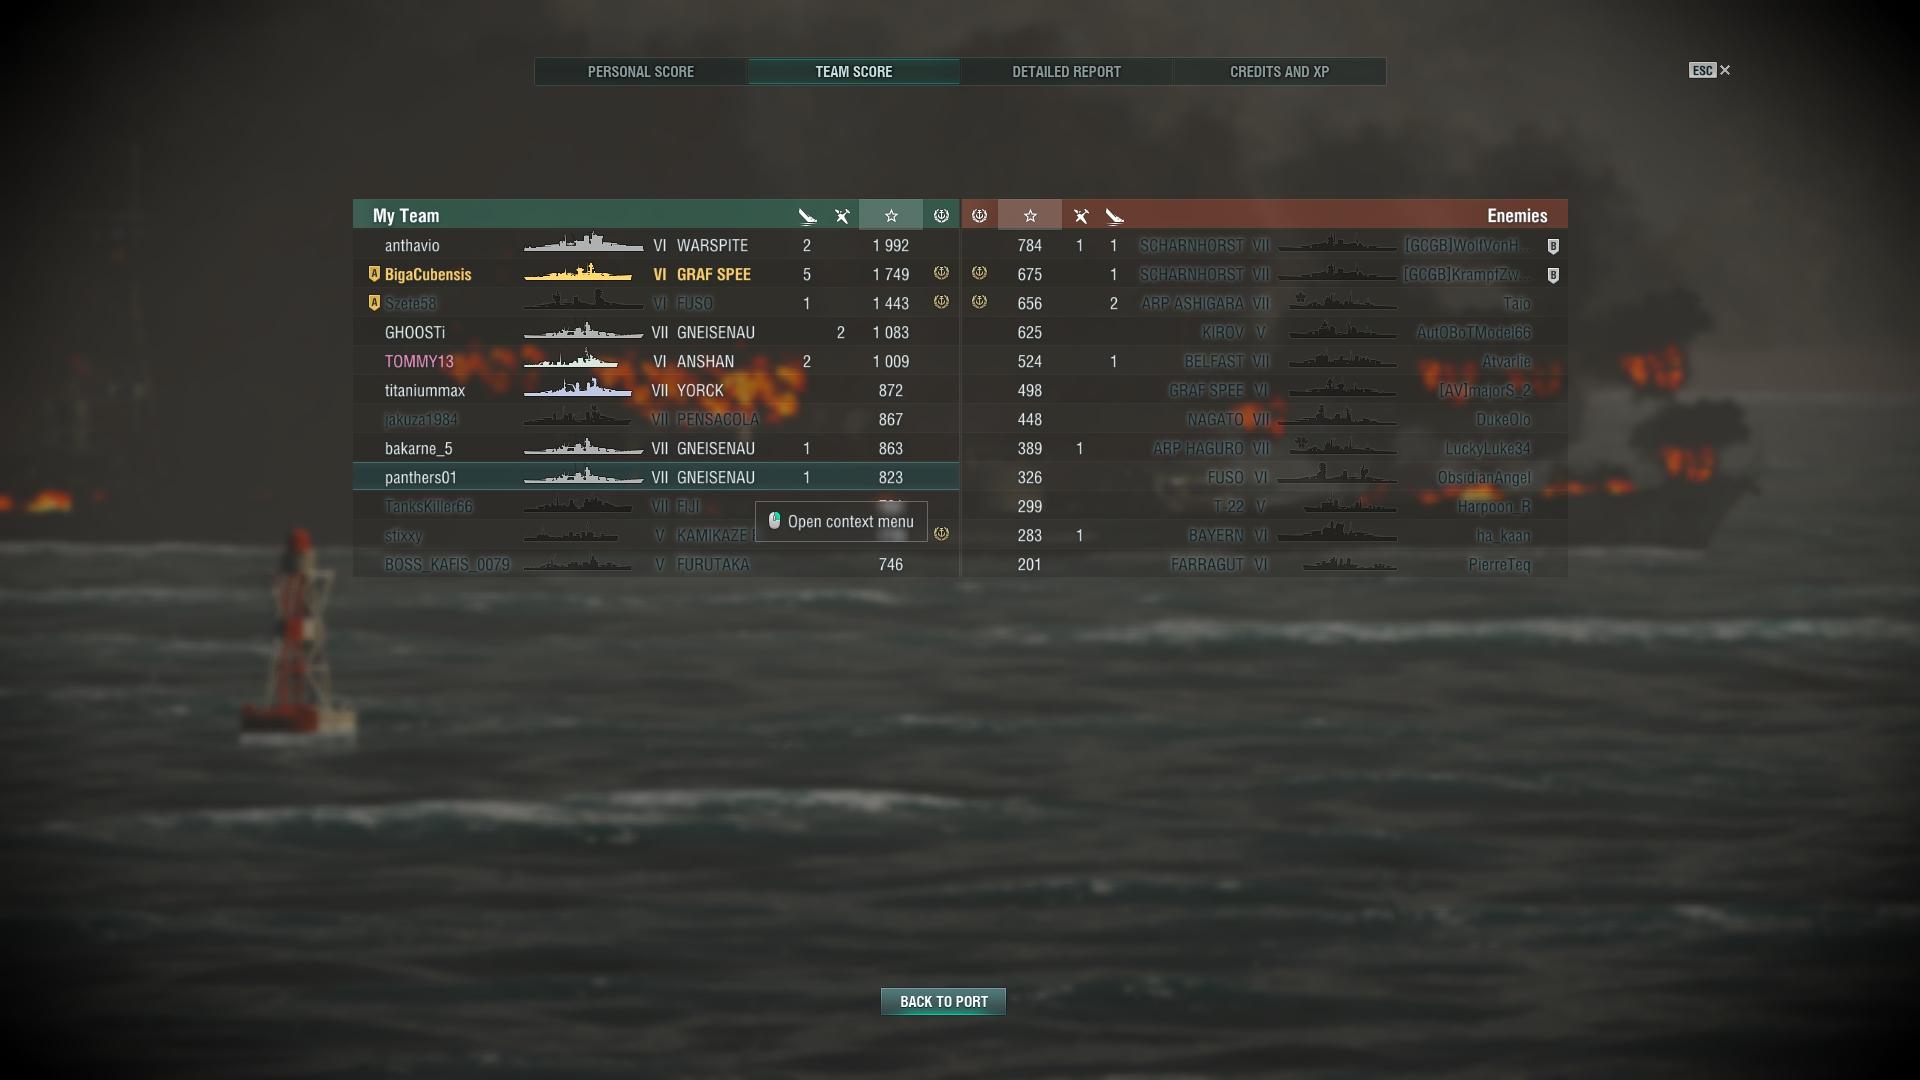 shot-17.05.30_00.52.41-0570.jpg